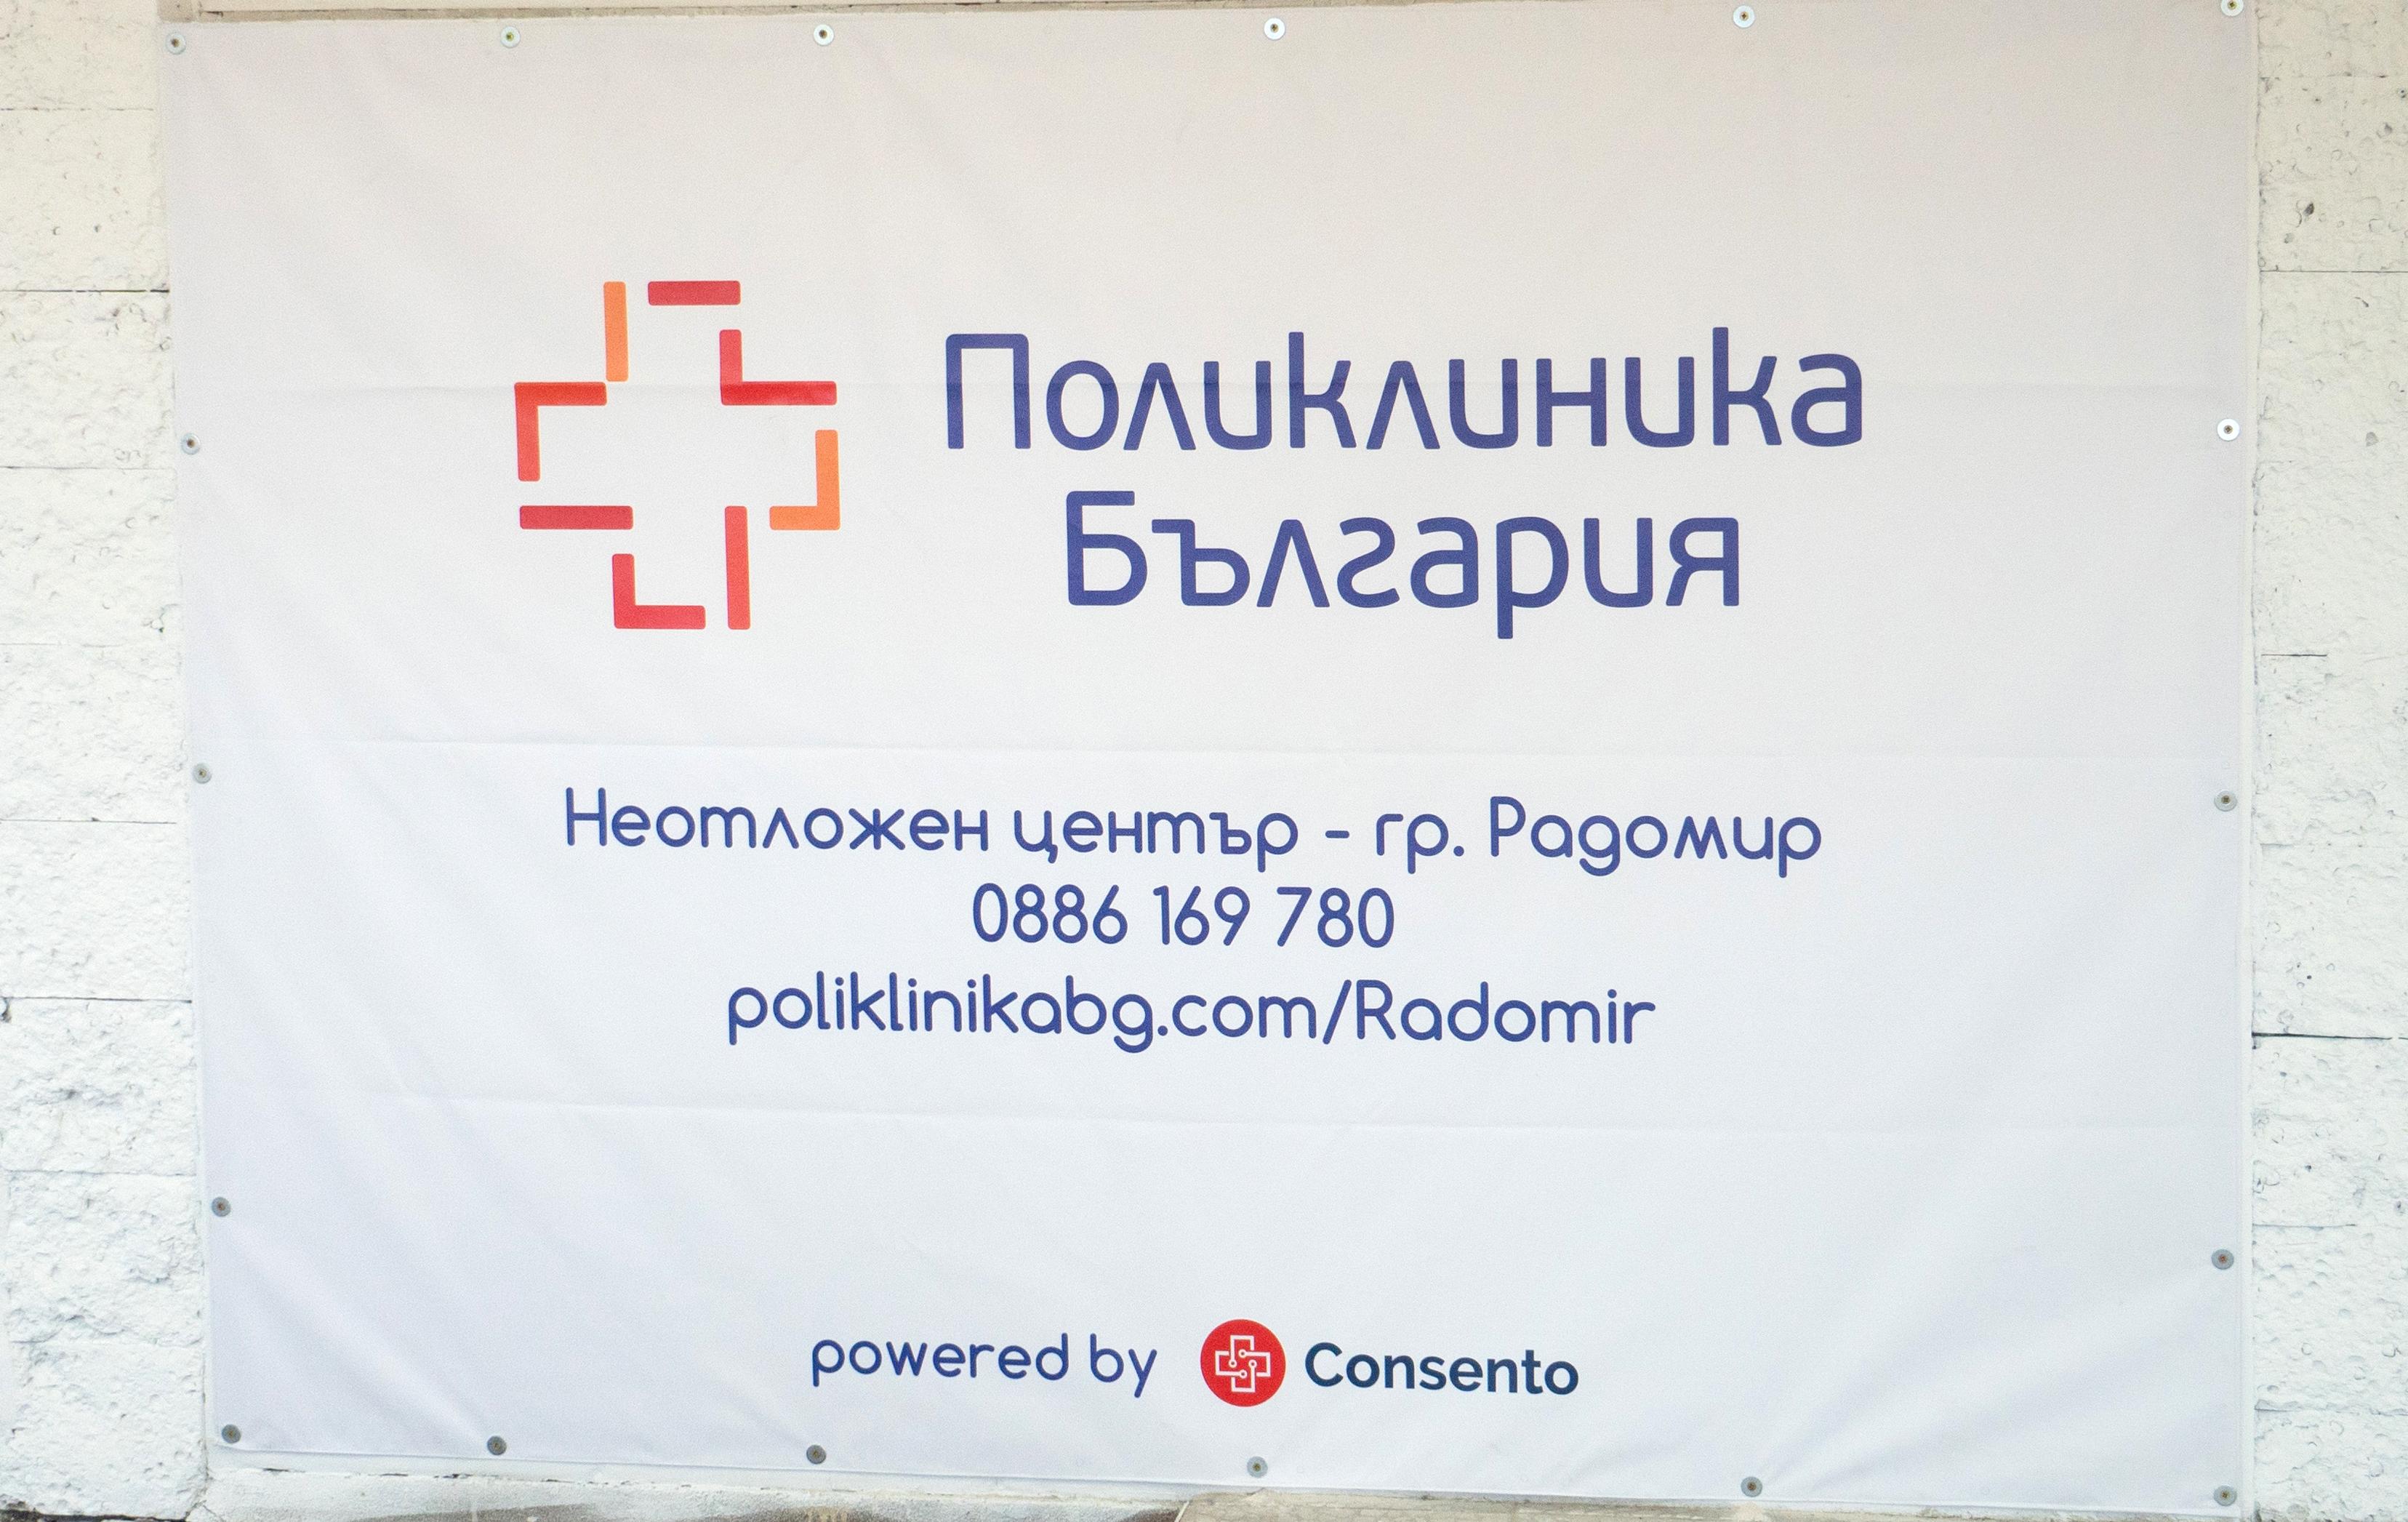 Скоро ще заработи Дежурен кабинет Поликлиника България в Радомир